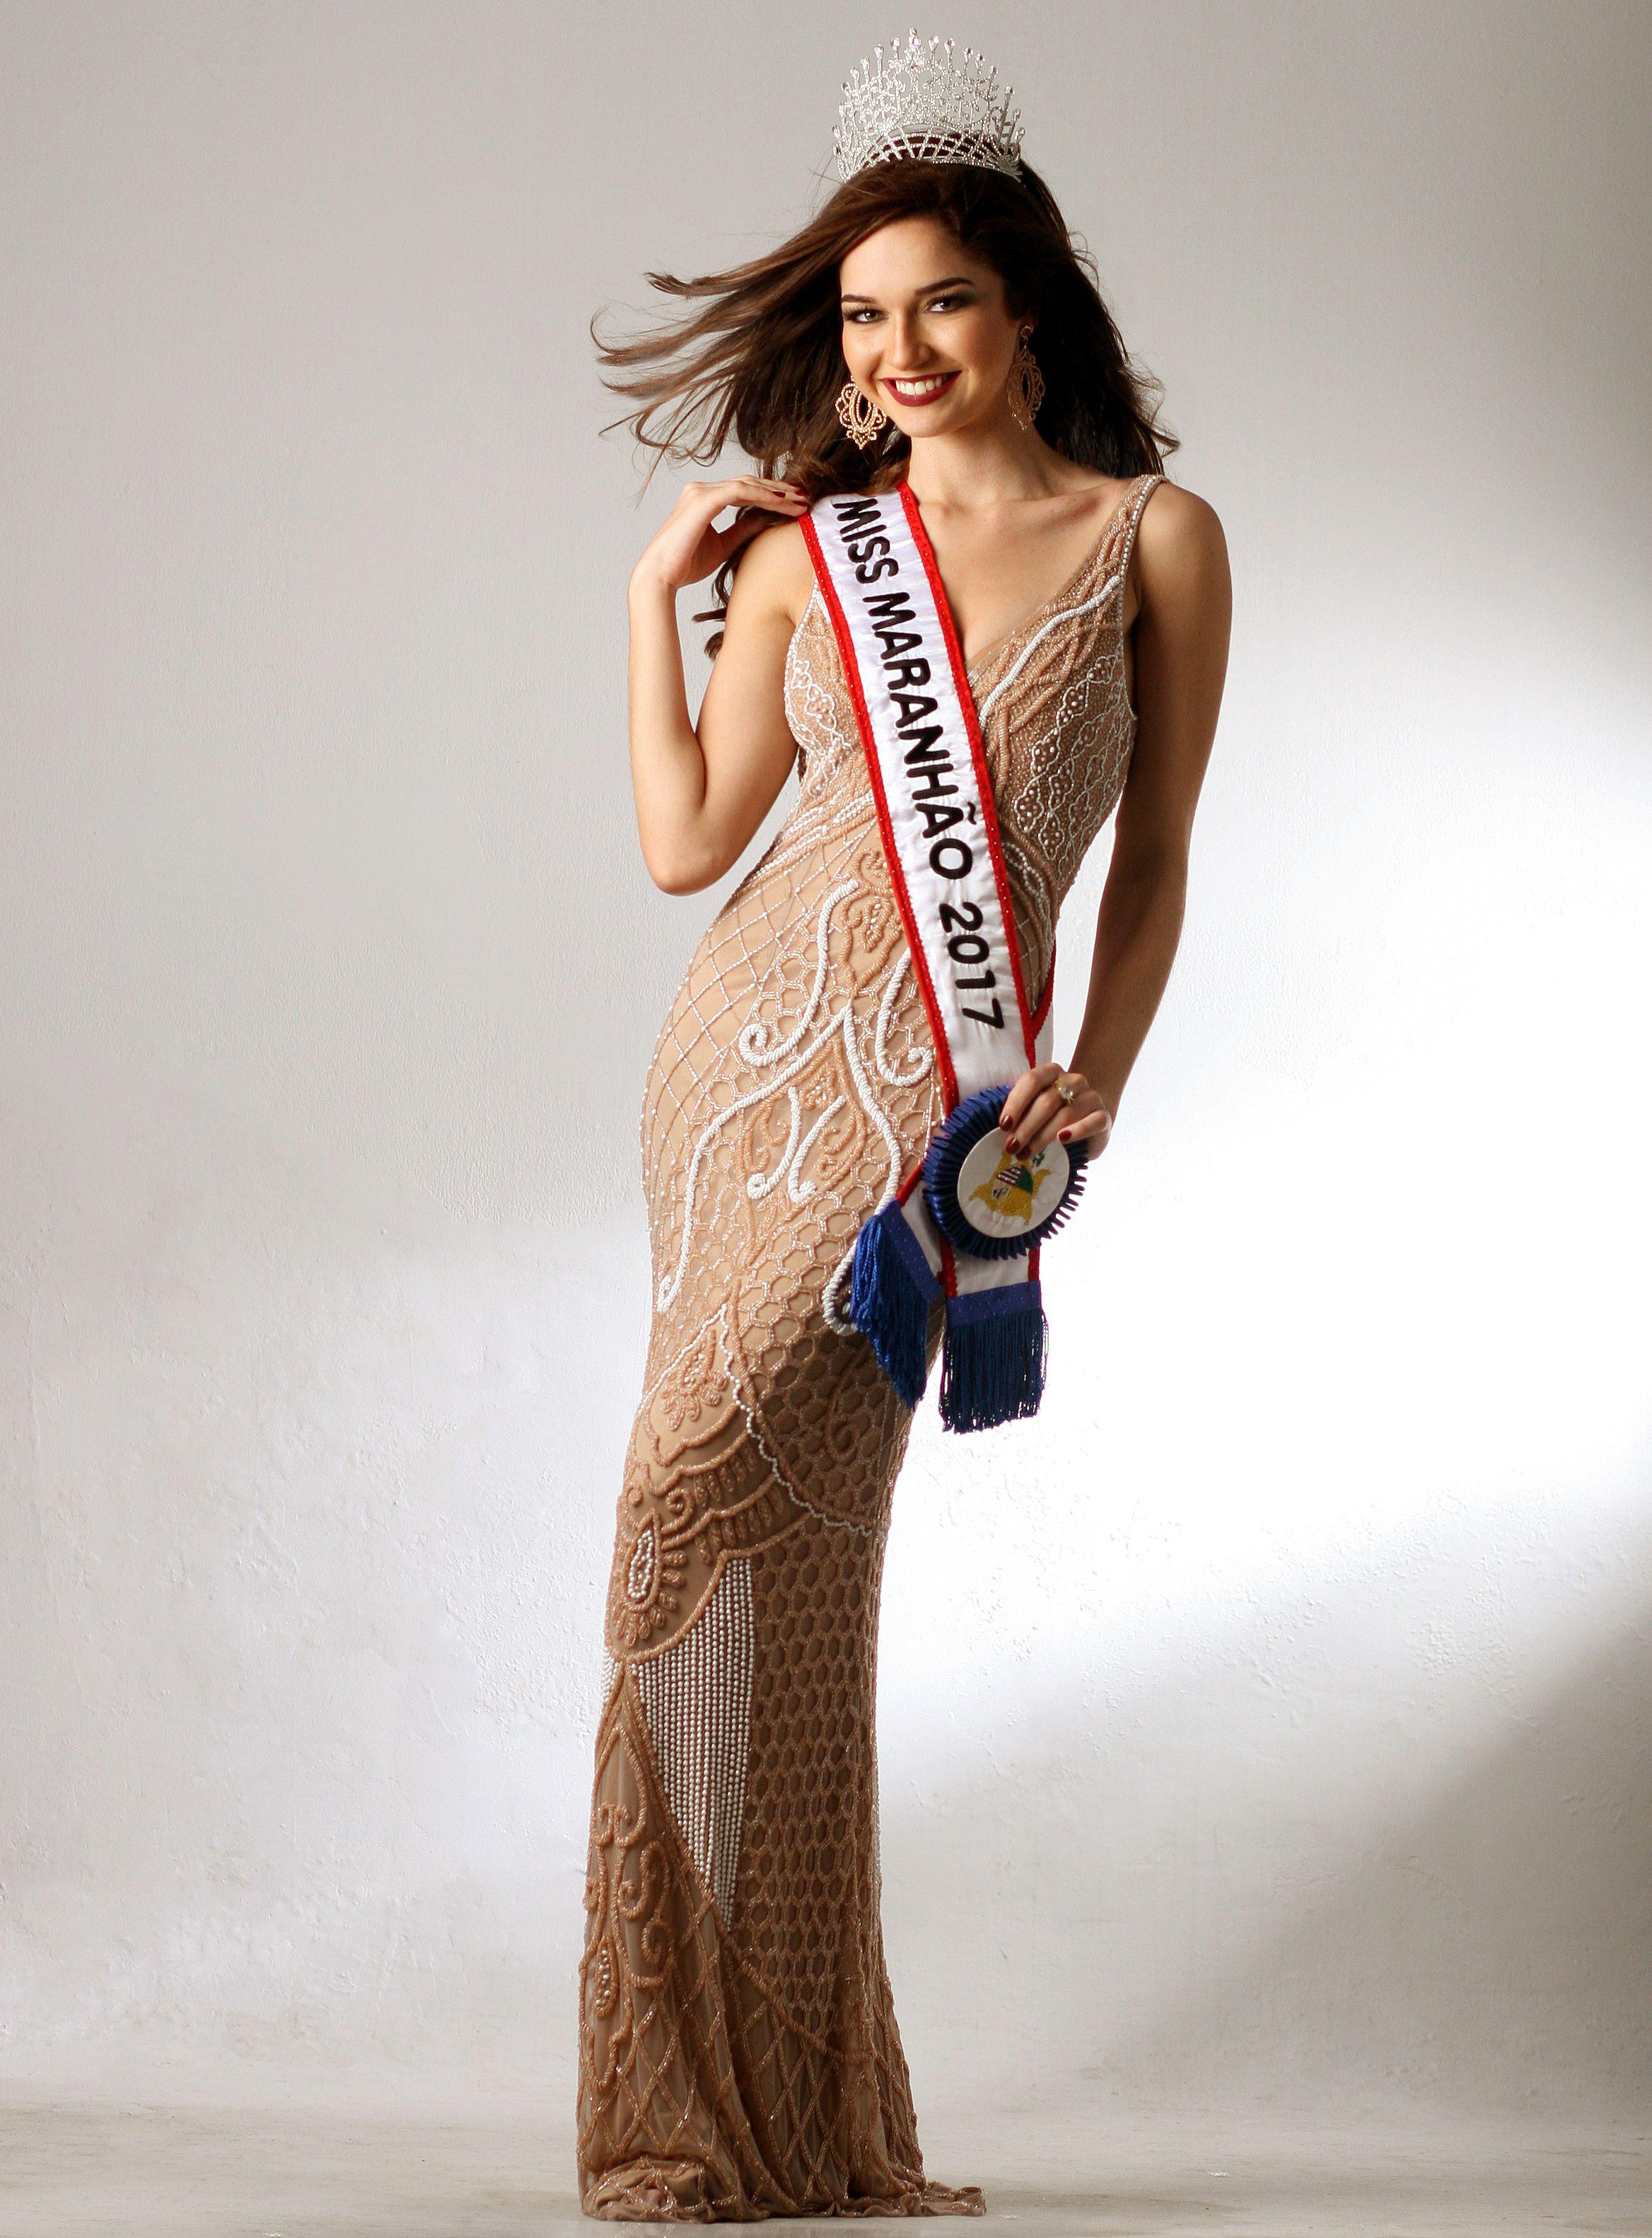 Beatriz Nazareno é a Miss Maranhão / Divulgação - Band